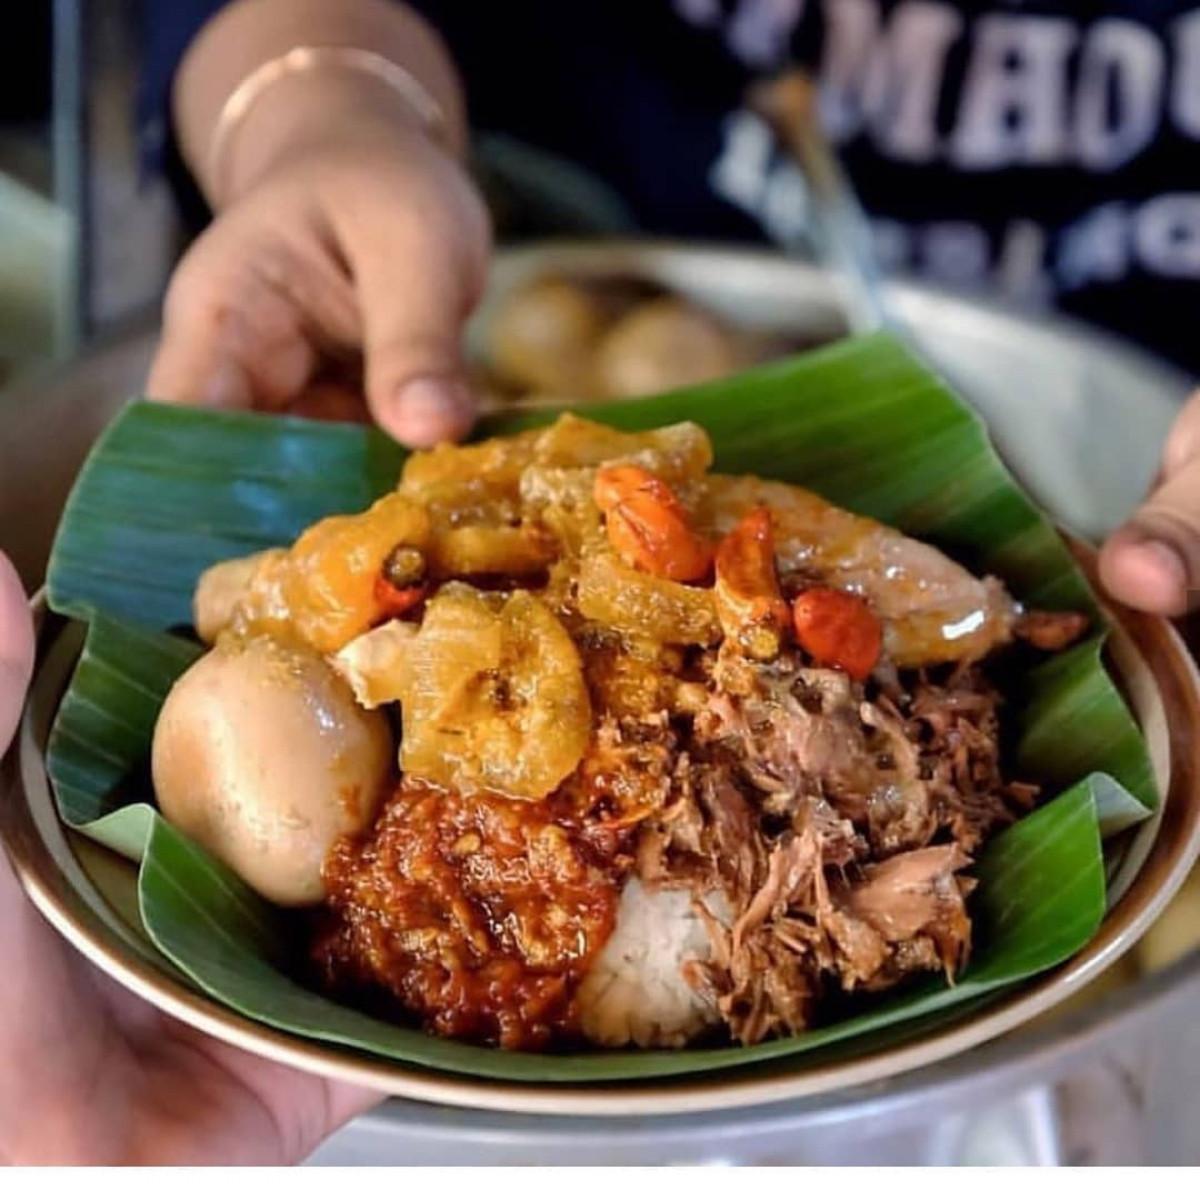 Asal-Usul Gudeg, Makanan Ikonik Khas Dari Yogyakarta